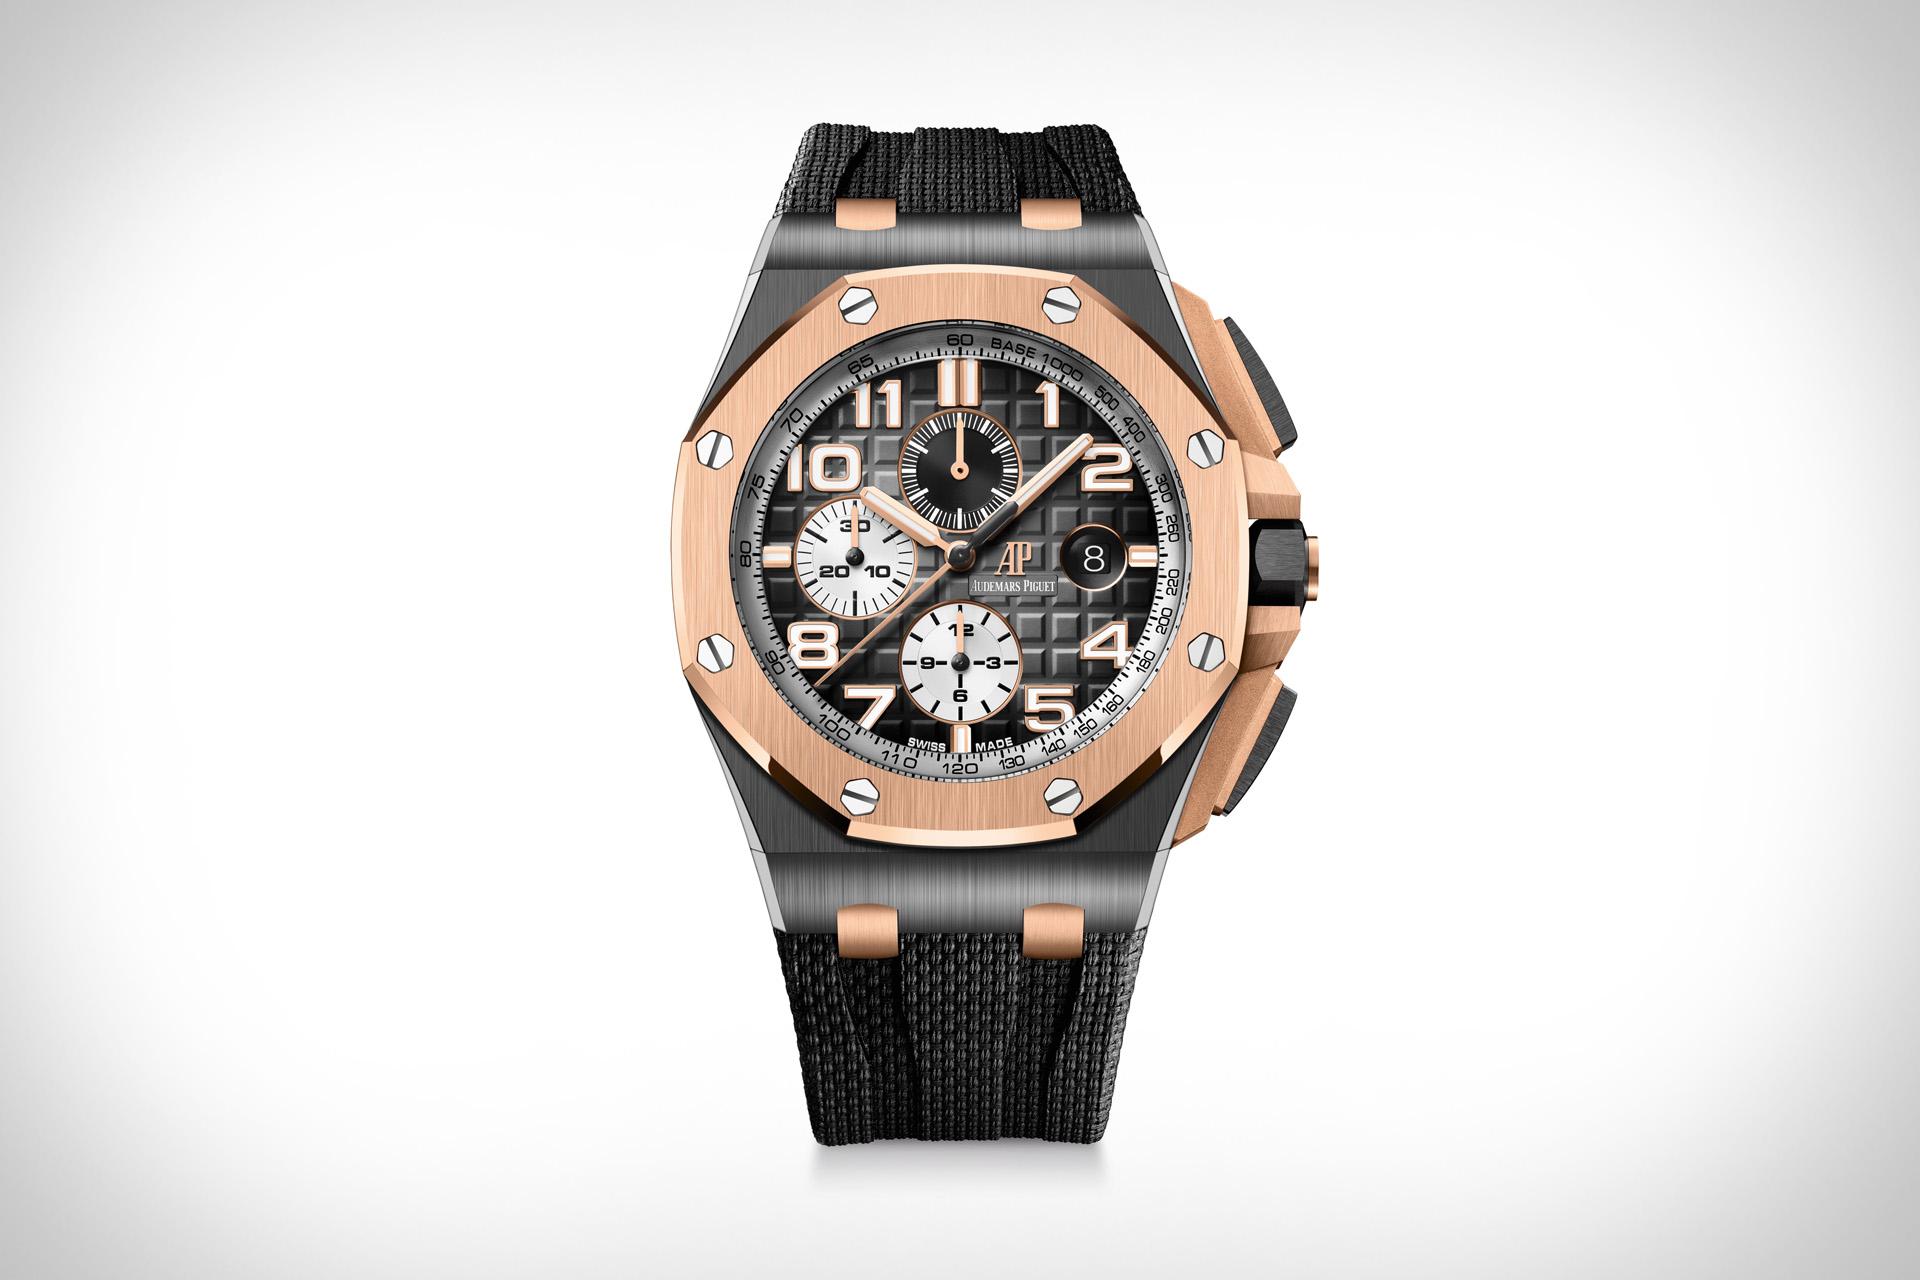 Audemars Piguet Black Ceramic Royal Oak Offshore Watch